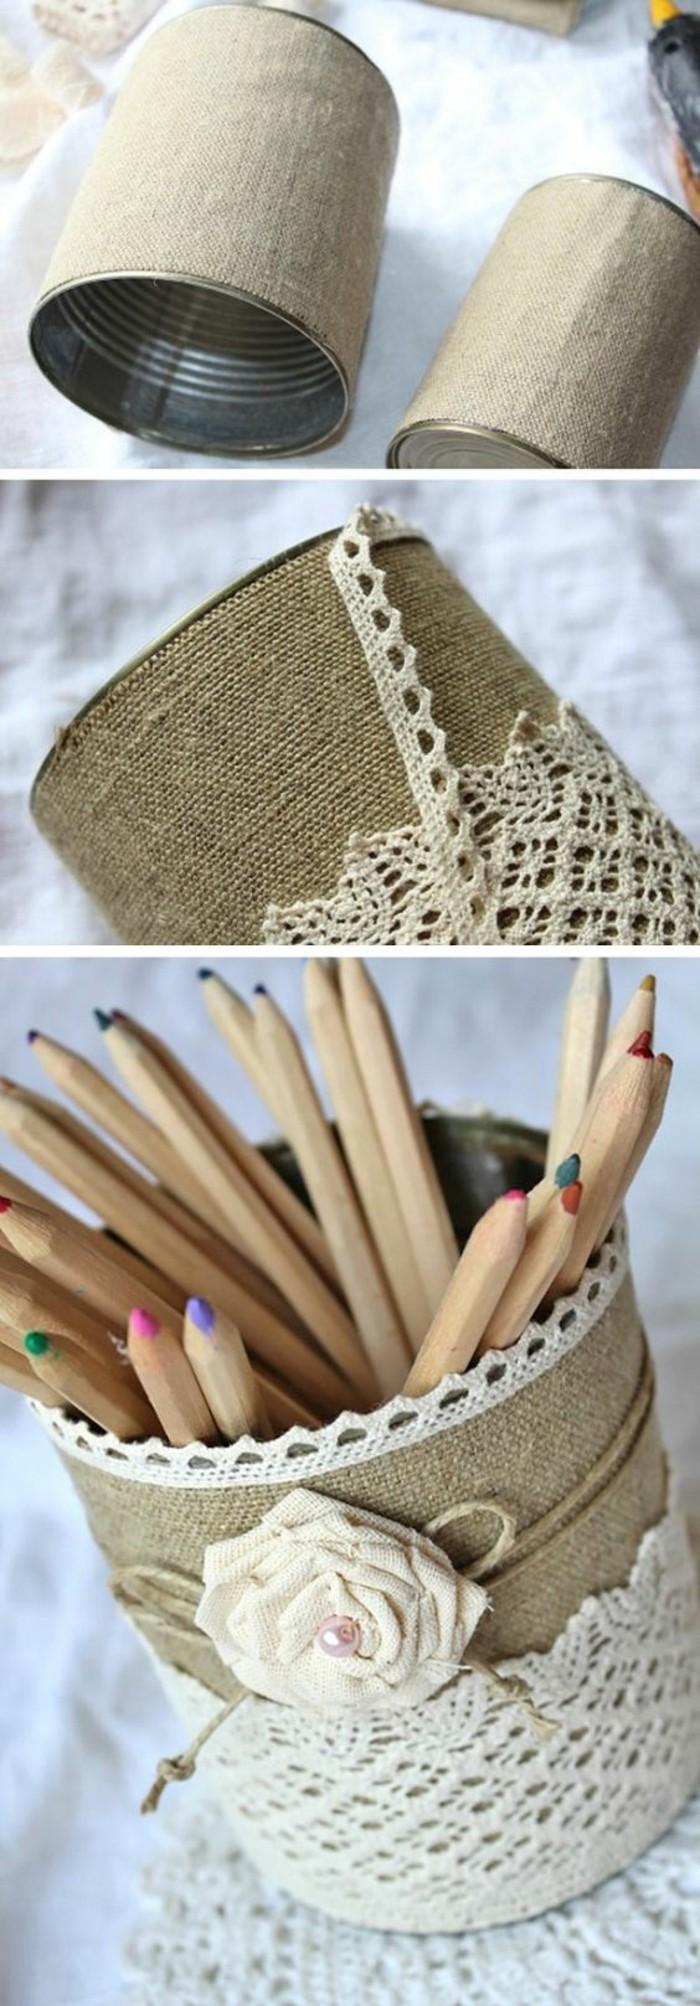 que faire avec boite de conserve vide, fabriquer porte-crayons en canette, comment décorer une boîte conserve avec tissu et dentelle